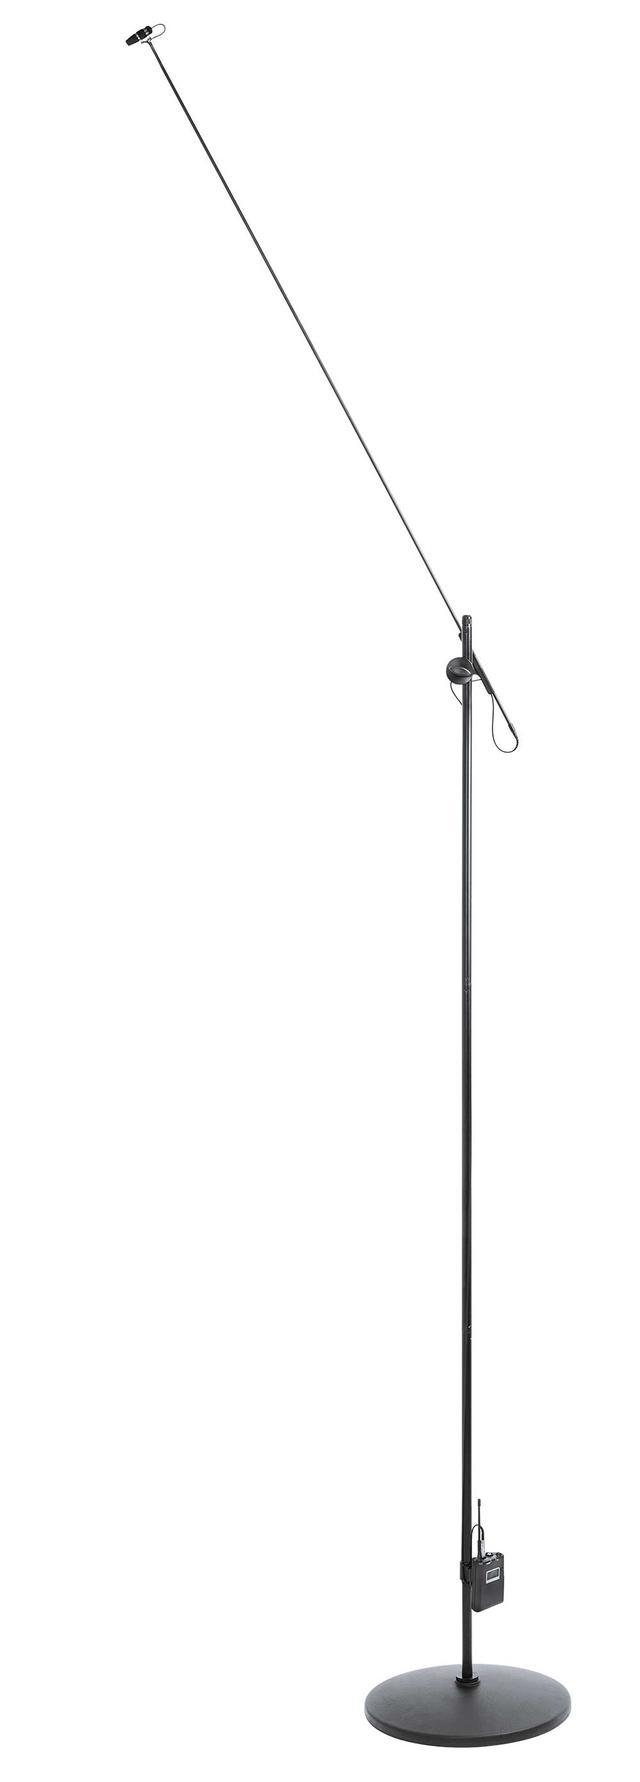 画像: DPA Microphones社、フロアスタンド・マイクロホン「CORE 4097」